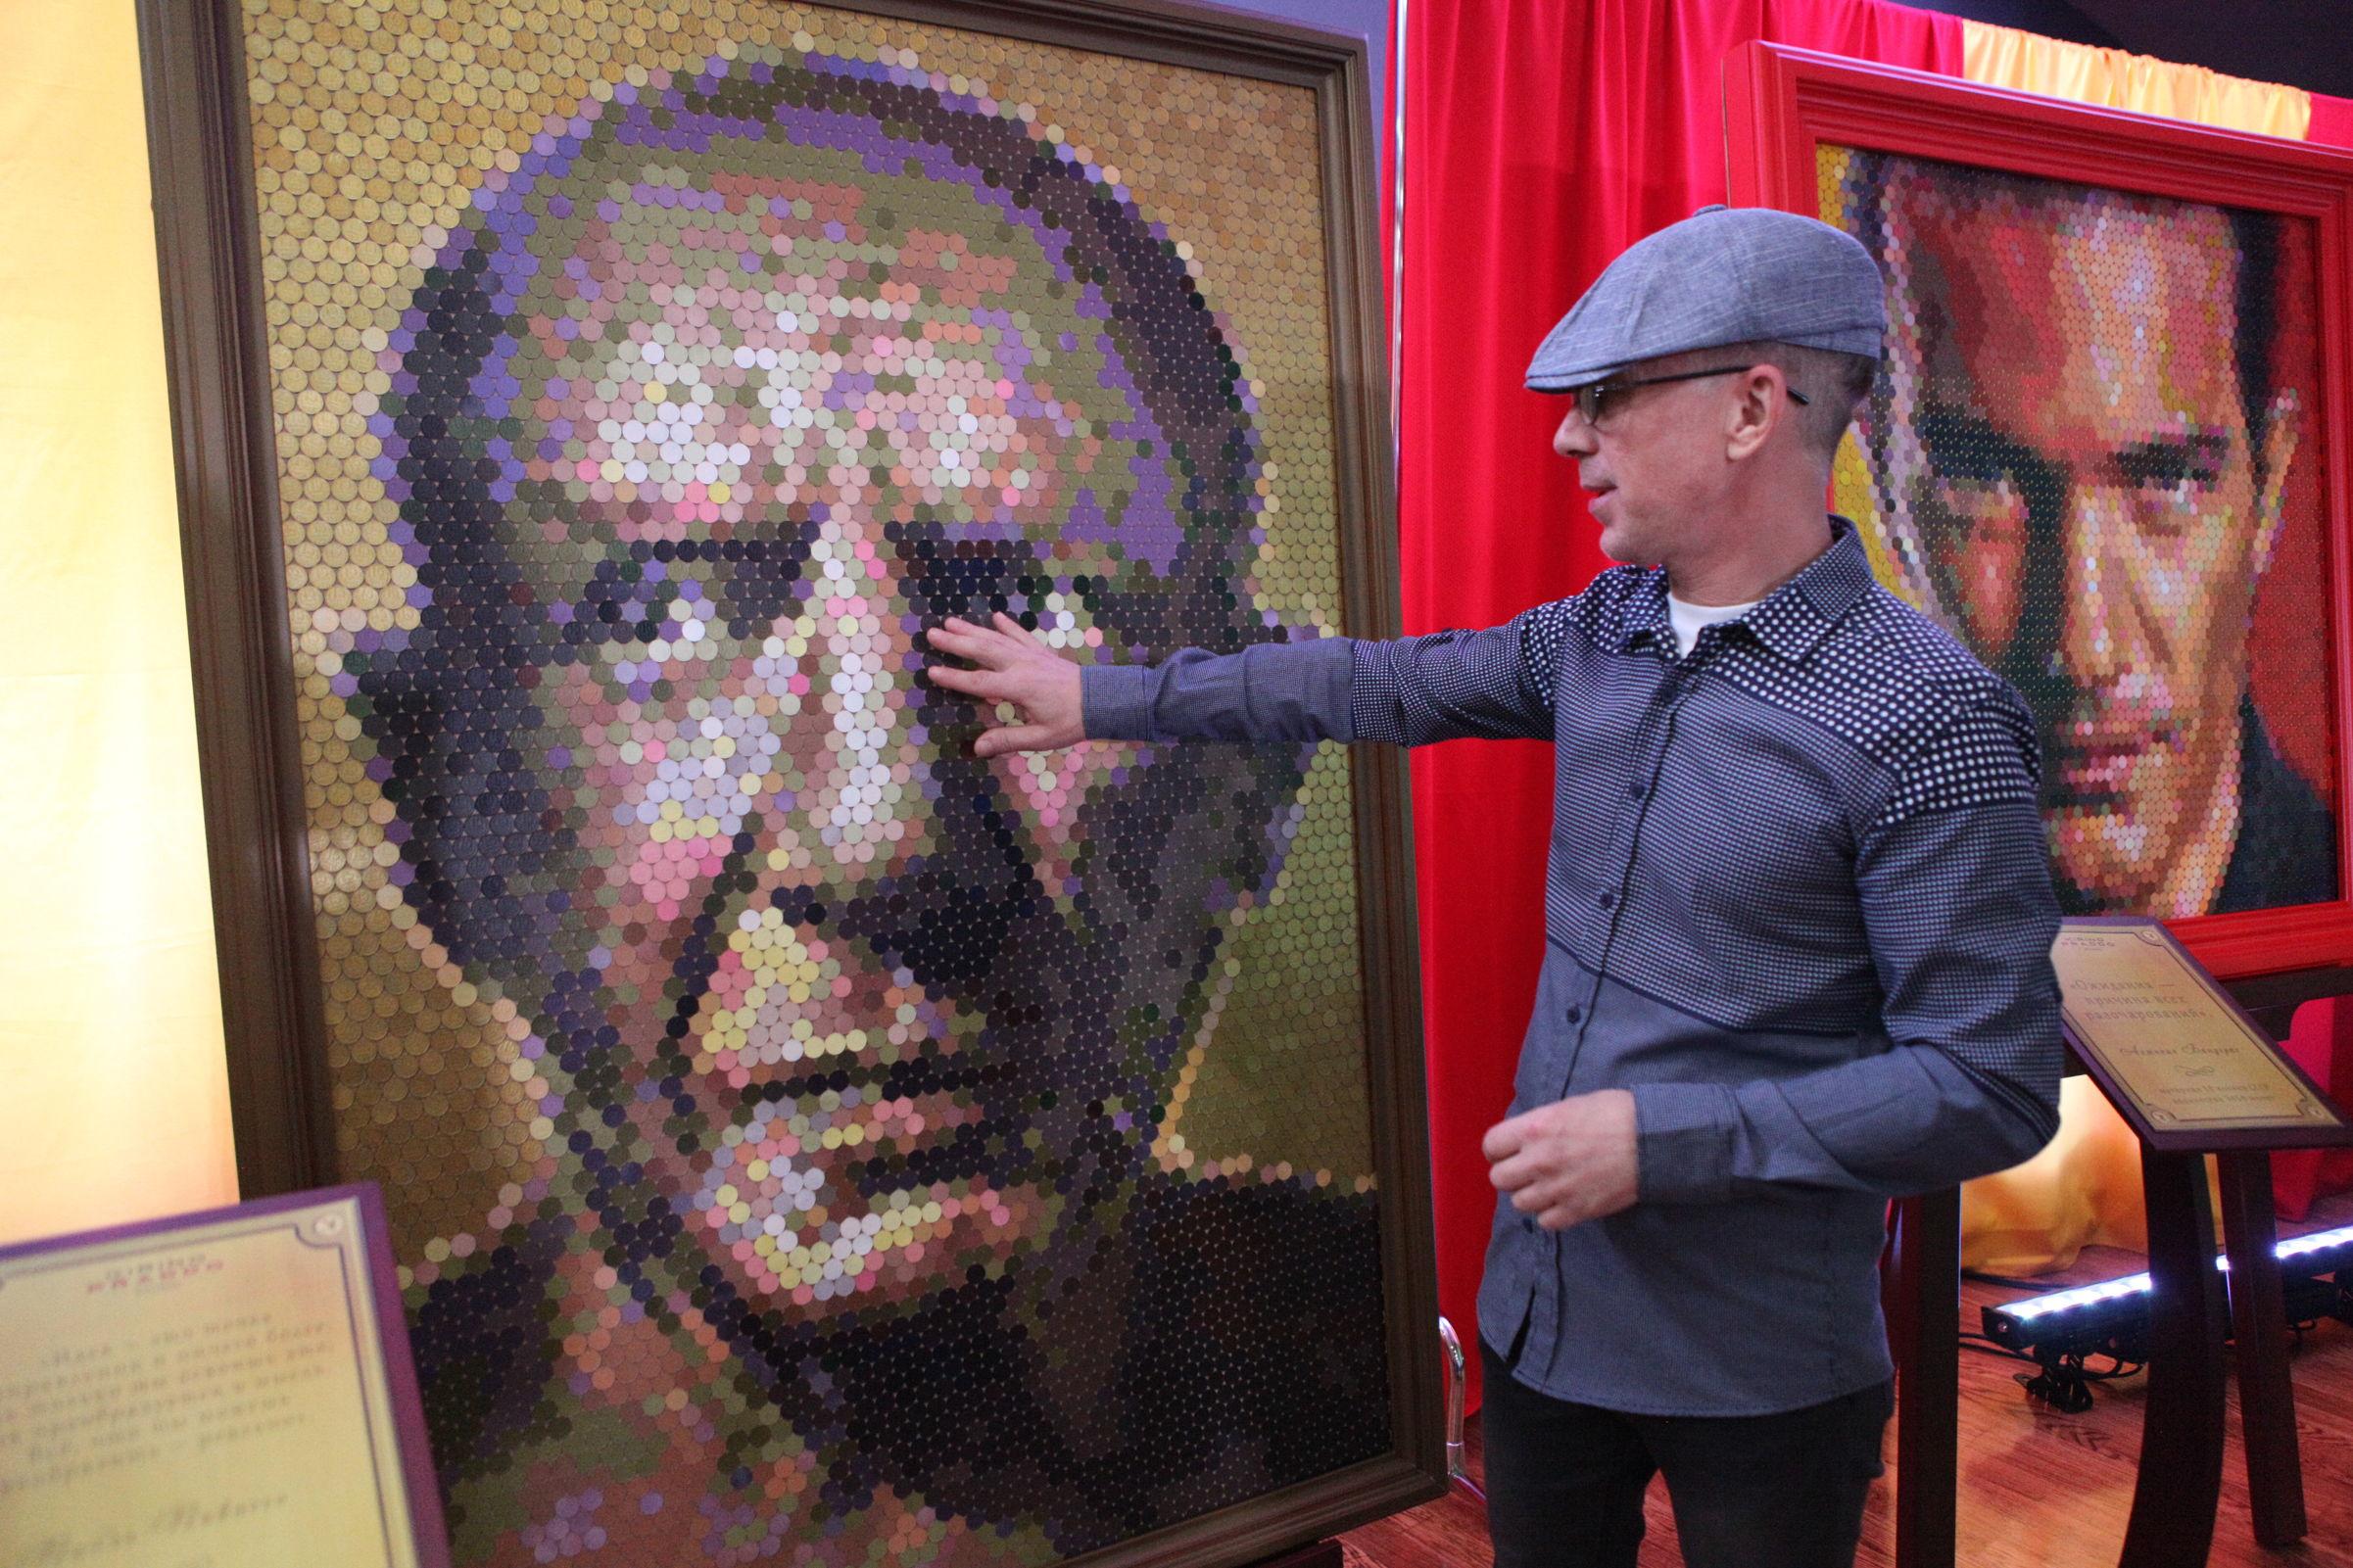 Искусство с деньгами. Ярославцы увидели портреты, выложенные из монет